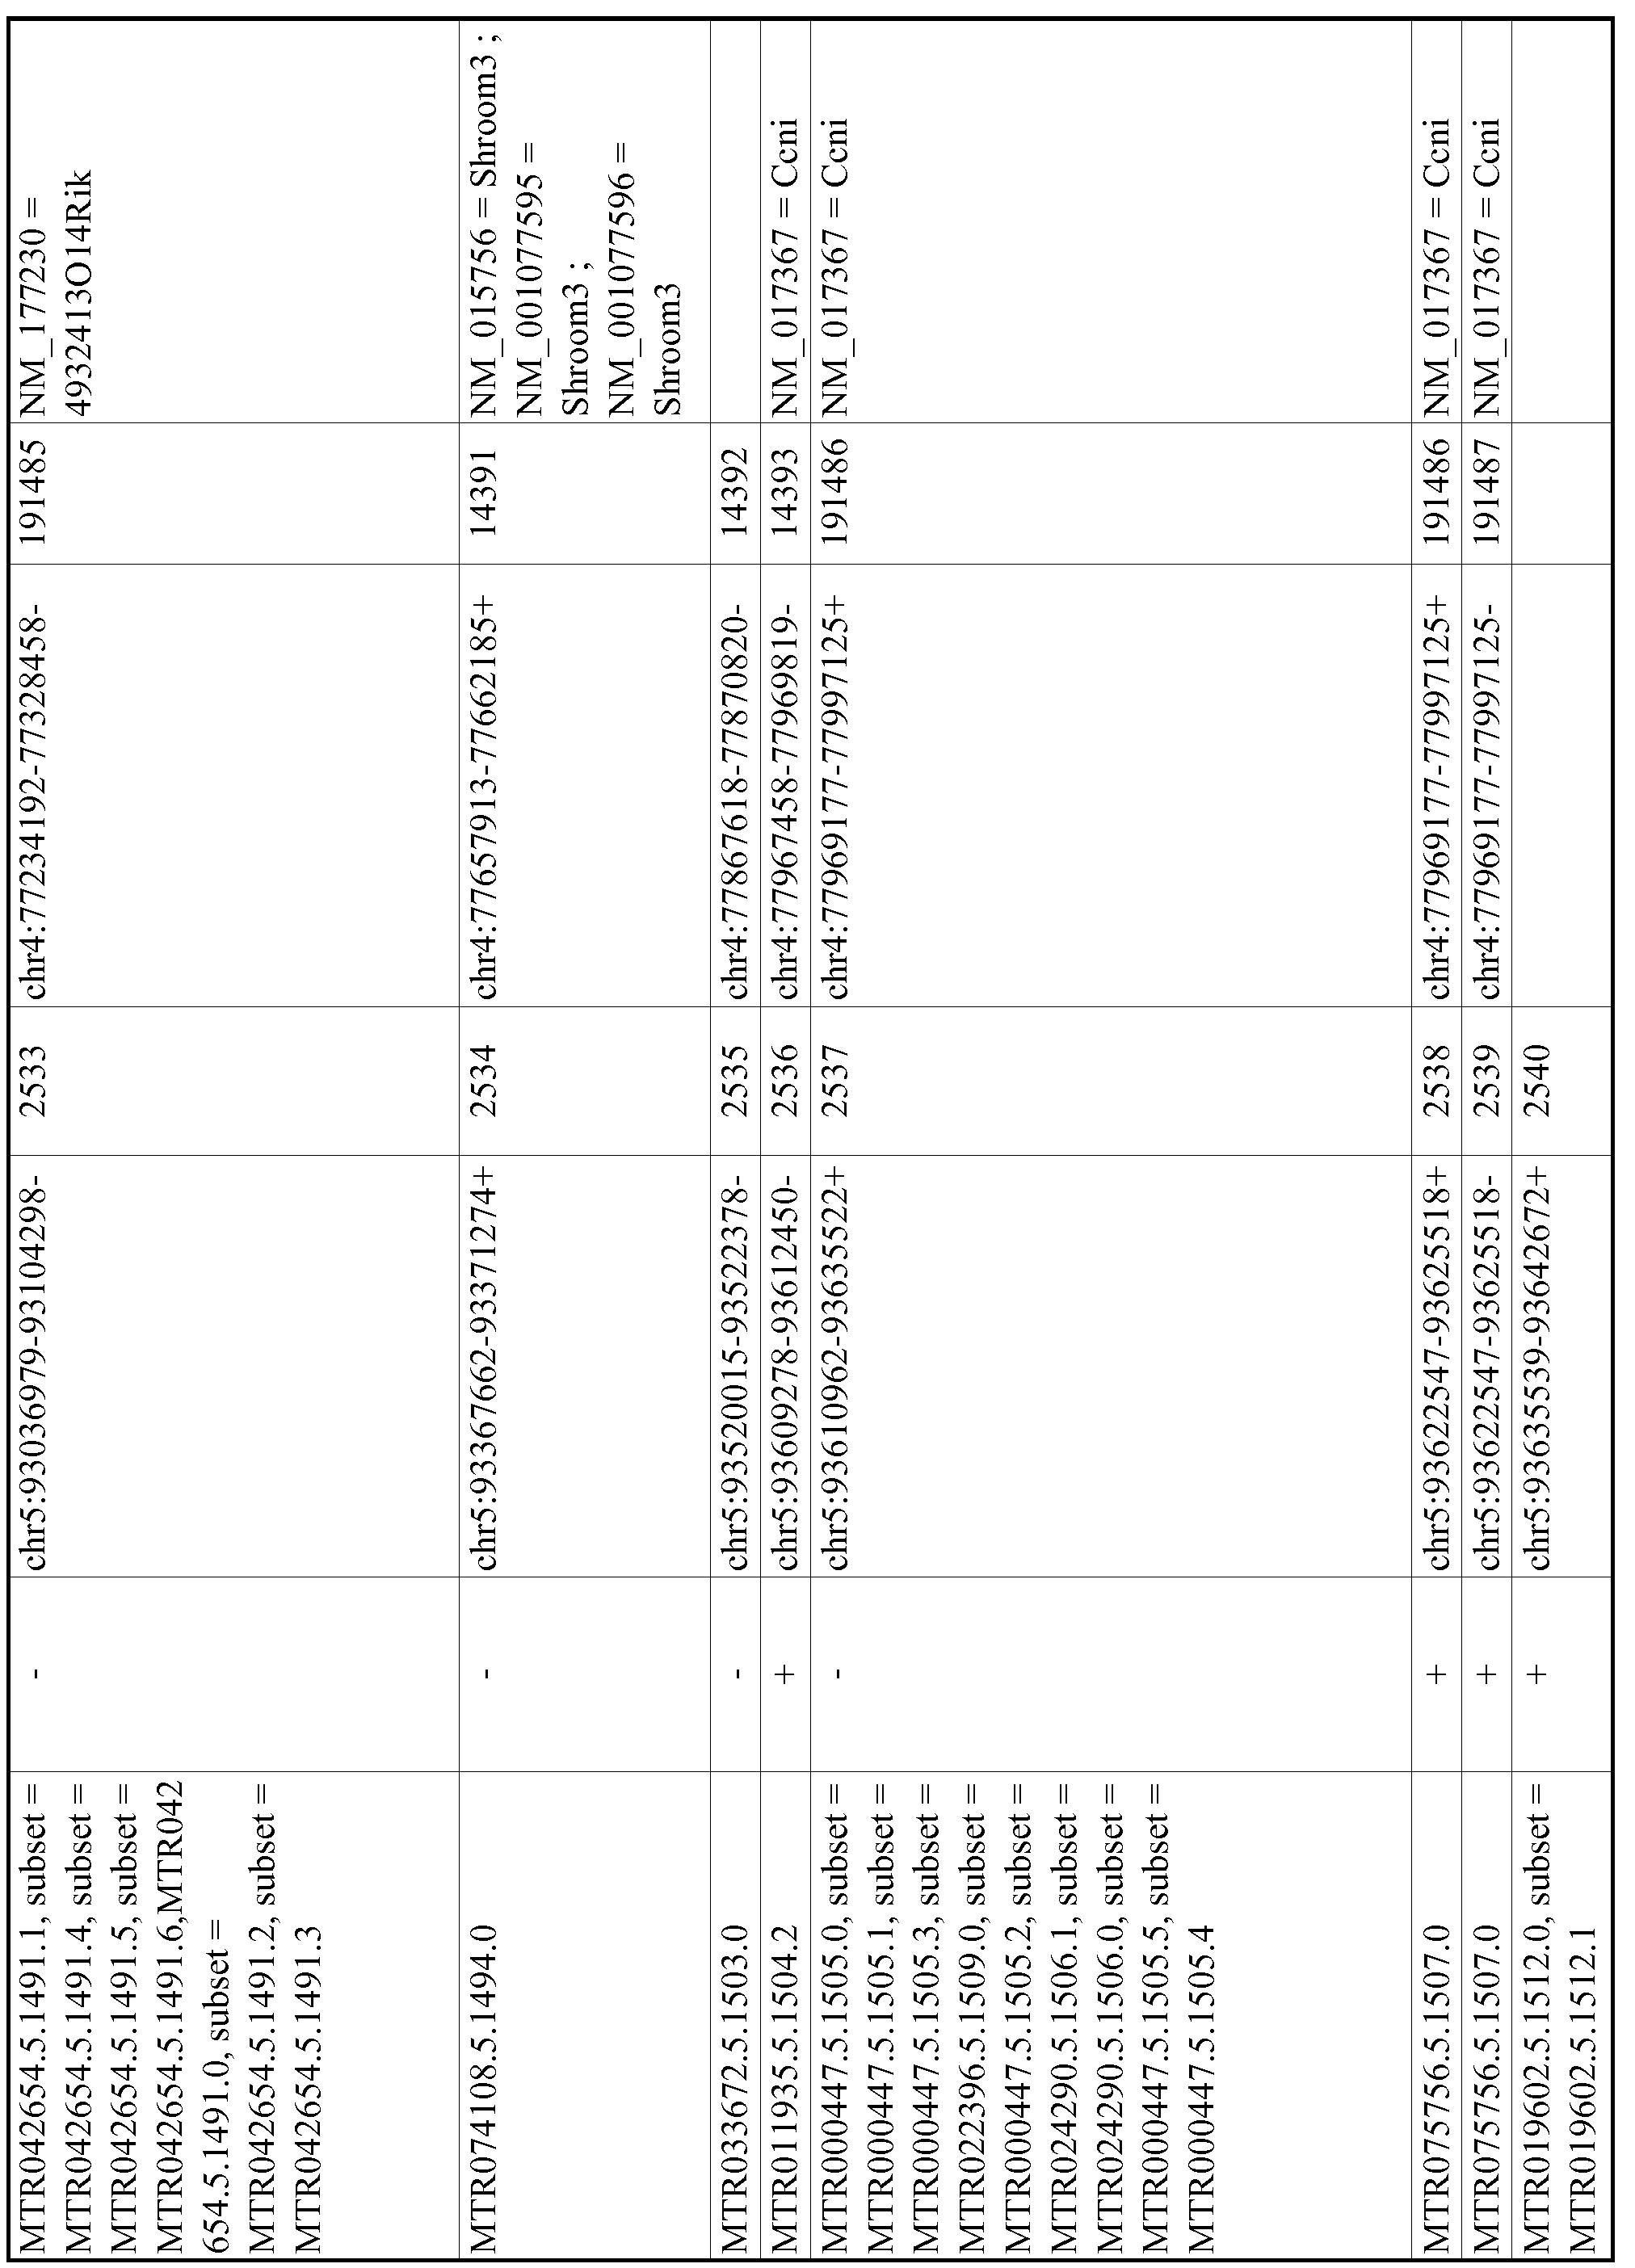 Figure imgf000536_0001